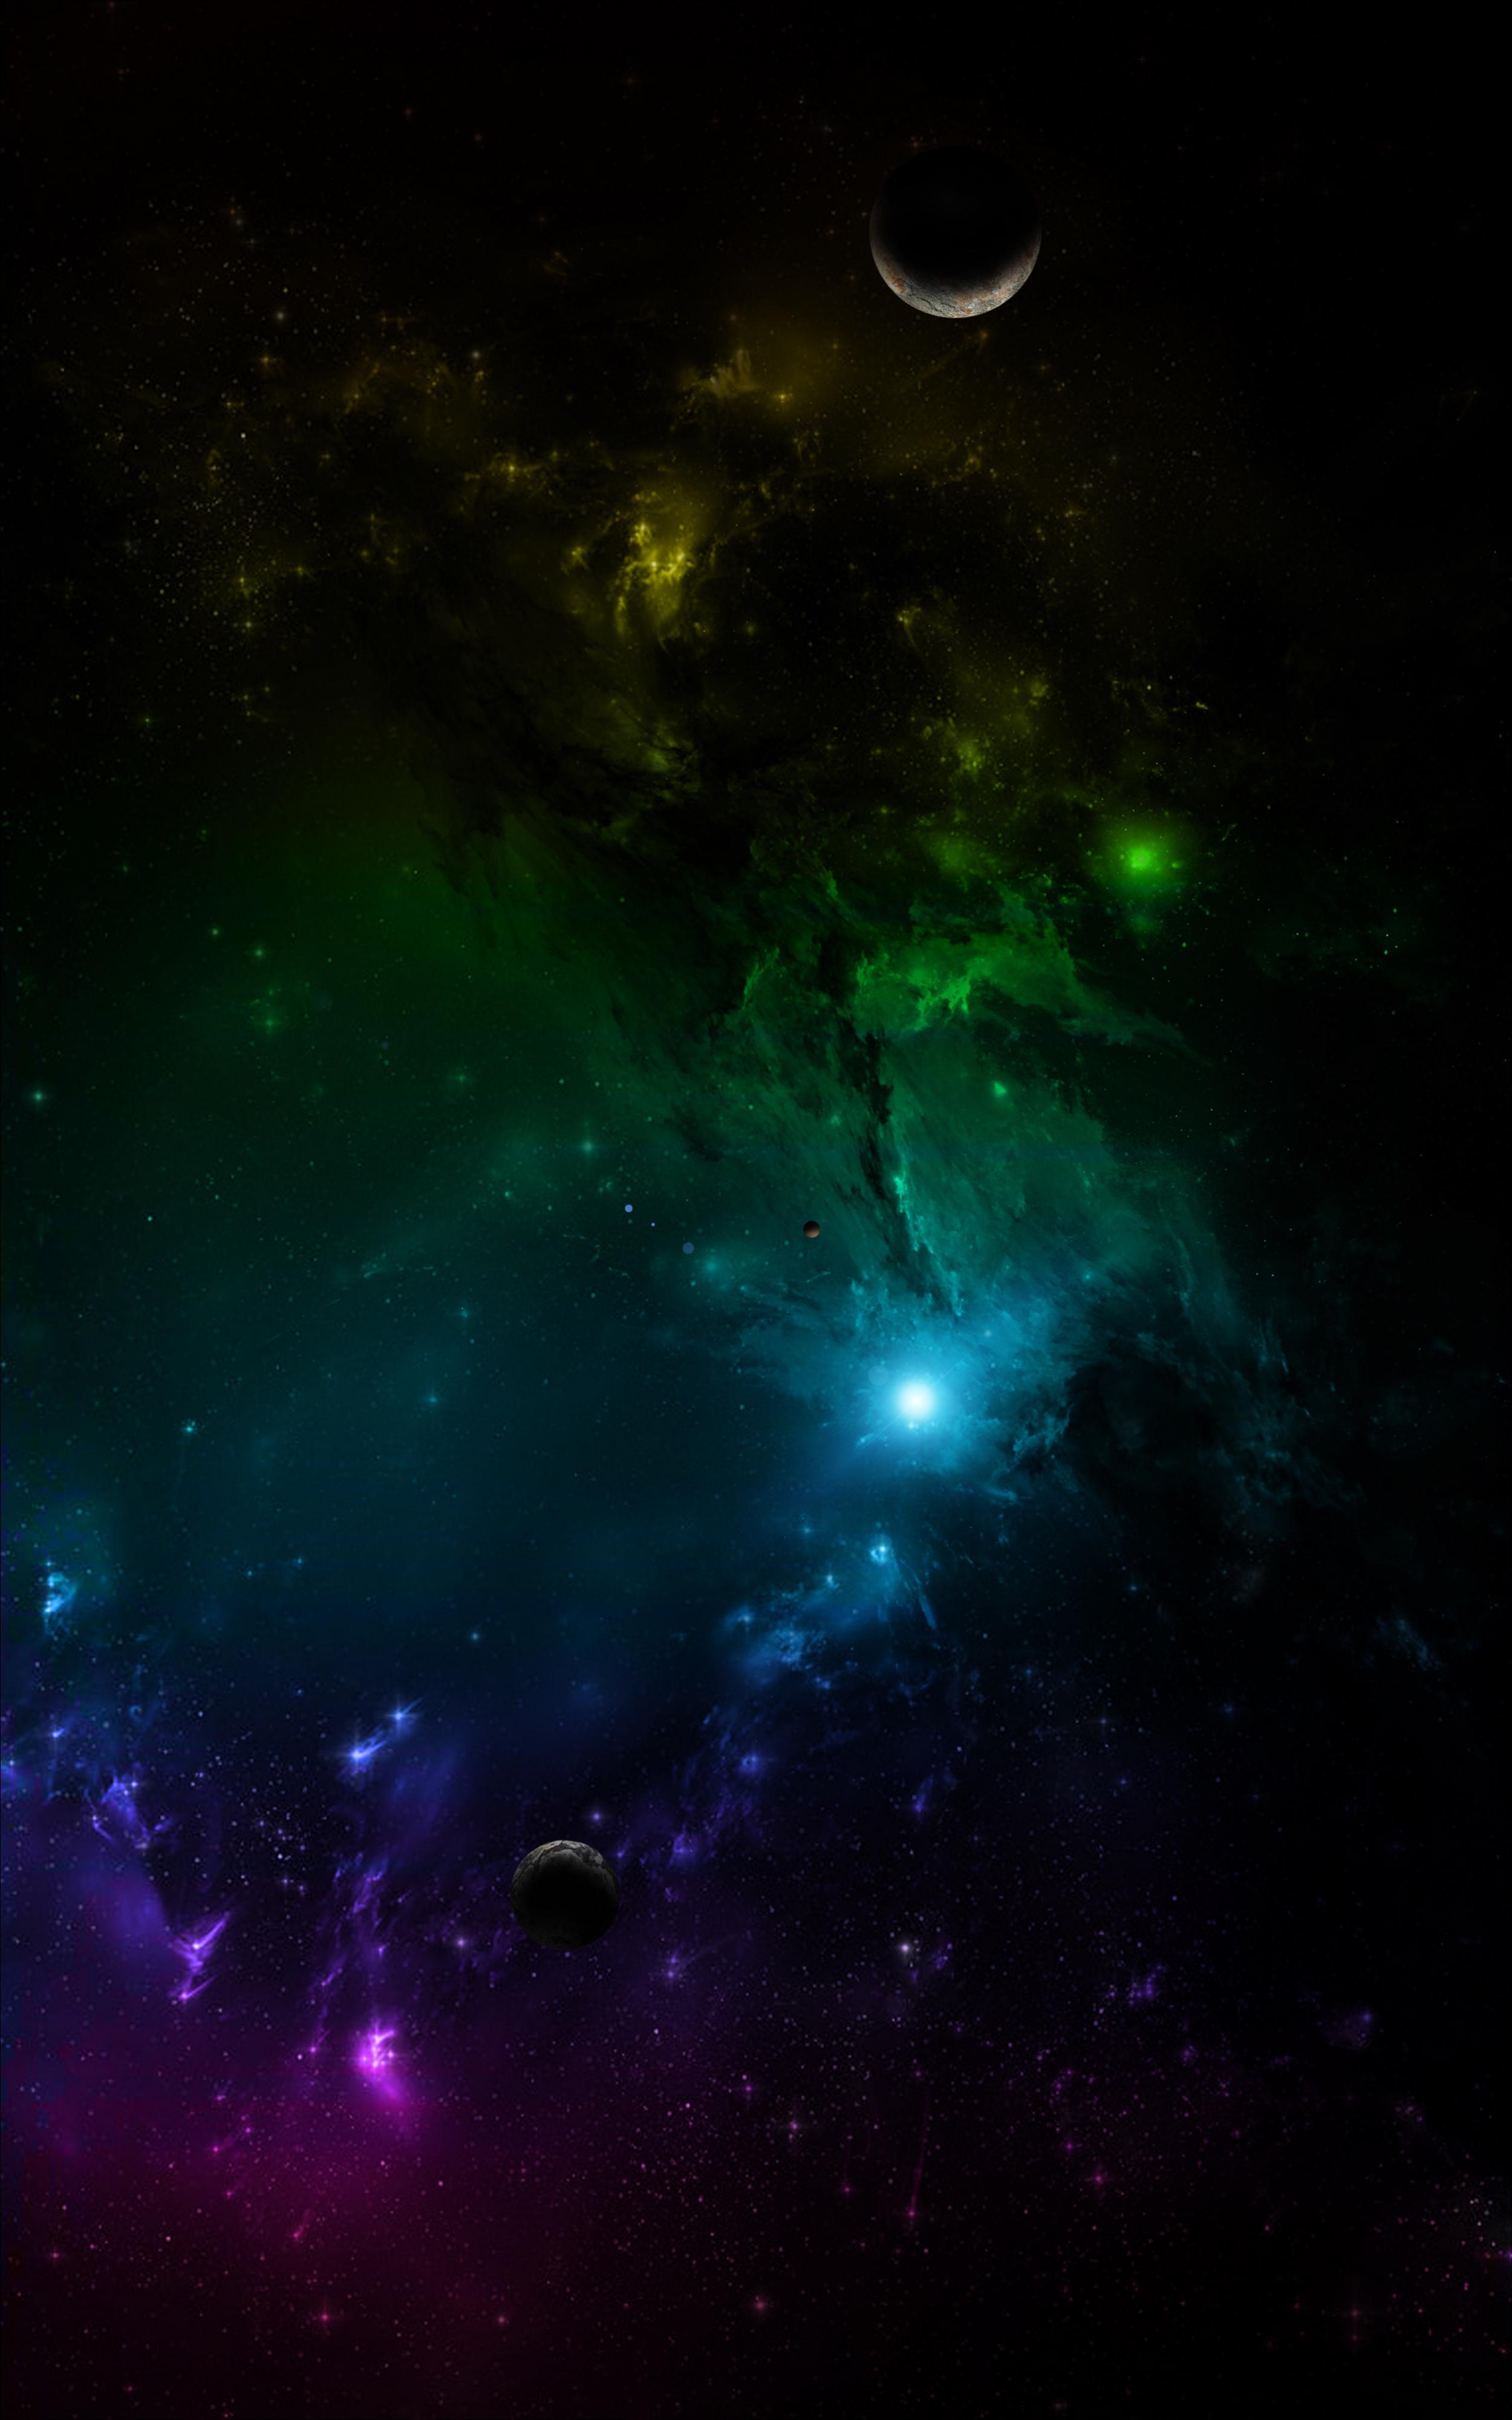 135188 Hintergrundbild herunterladen Mehrfarbig, Planets, Universum, Motley, Universe, Galaxis, Galaxy - Bildschirmschoner und Bilder kostenlos